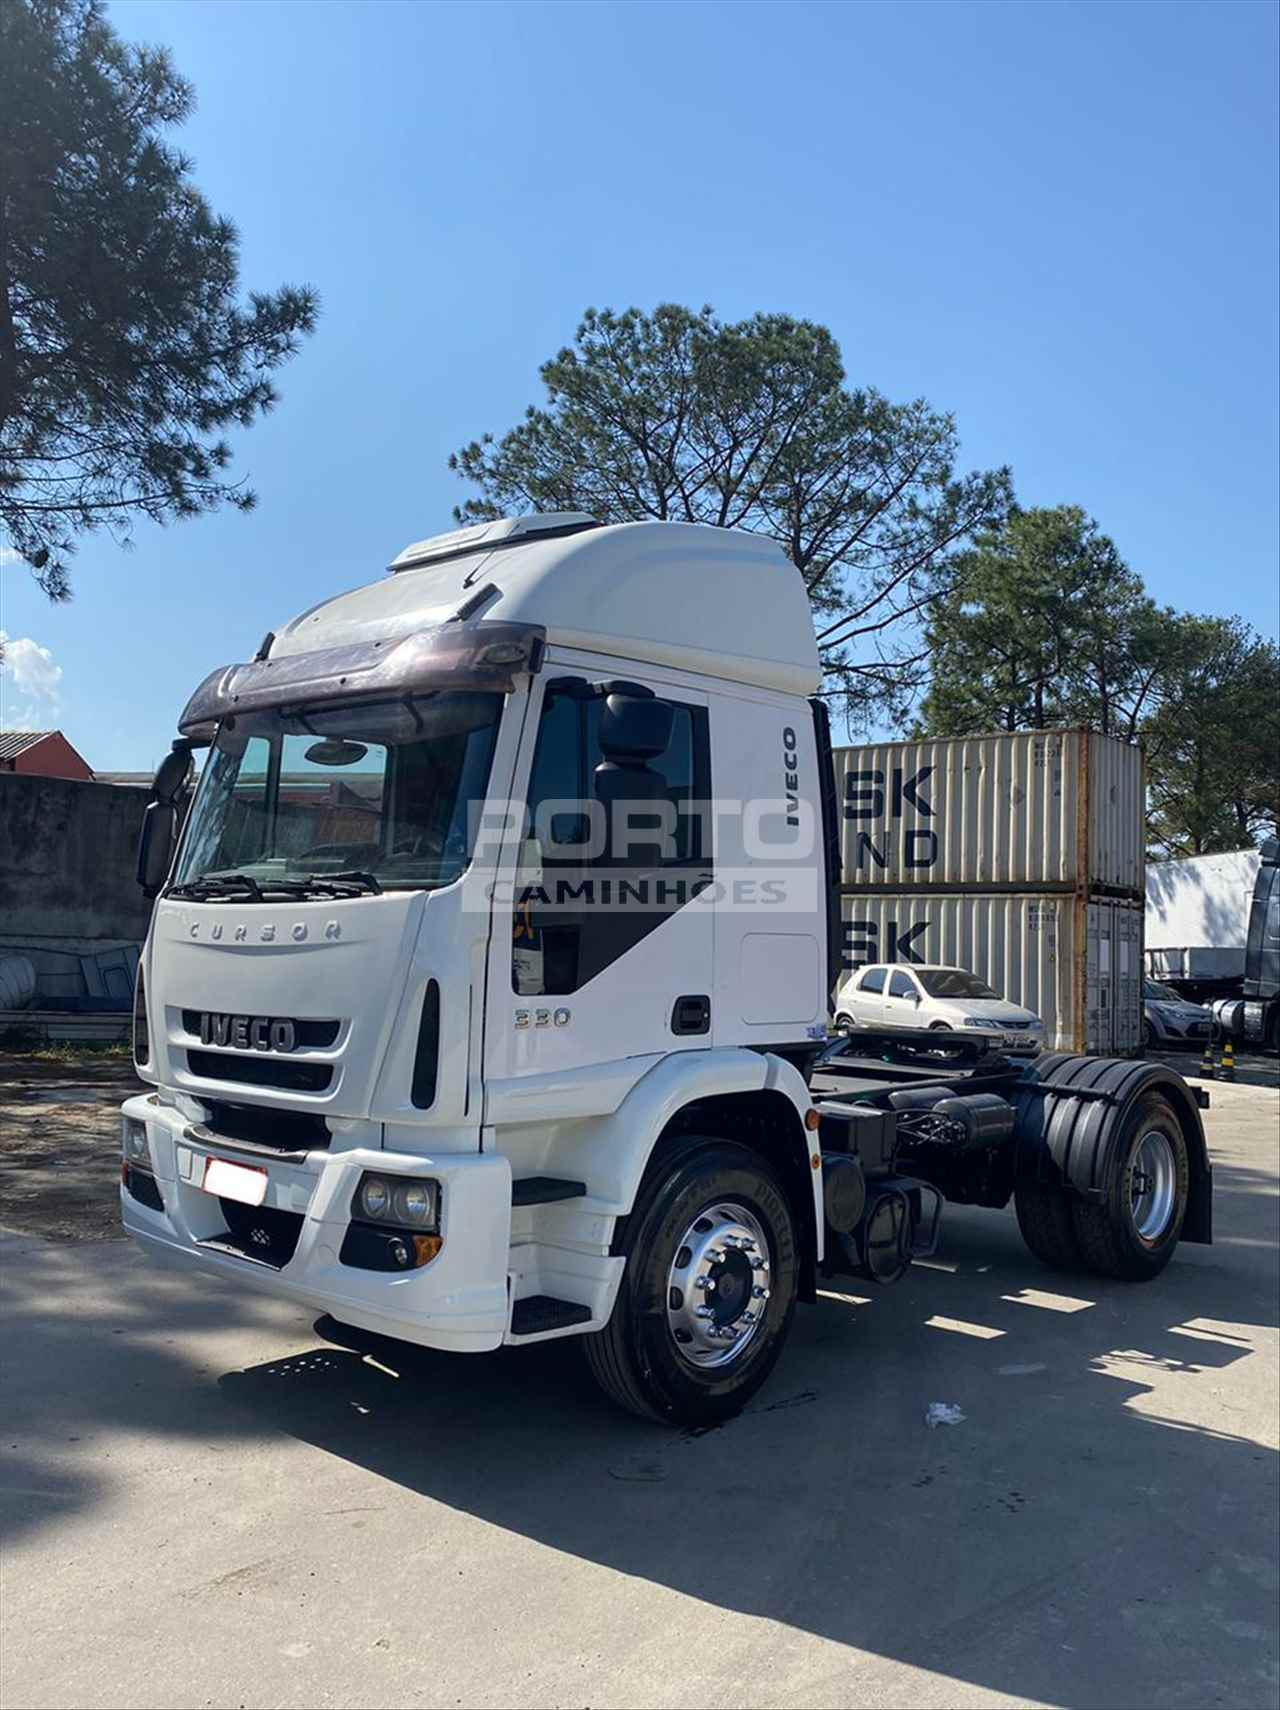 CAMINHAO IVECO CURSOR 450E33 Cavalo Mecânico Toco 4x2 Porto Caminhões GUARULHOS SÃO PAULO SP